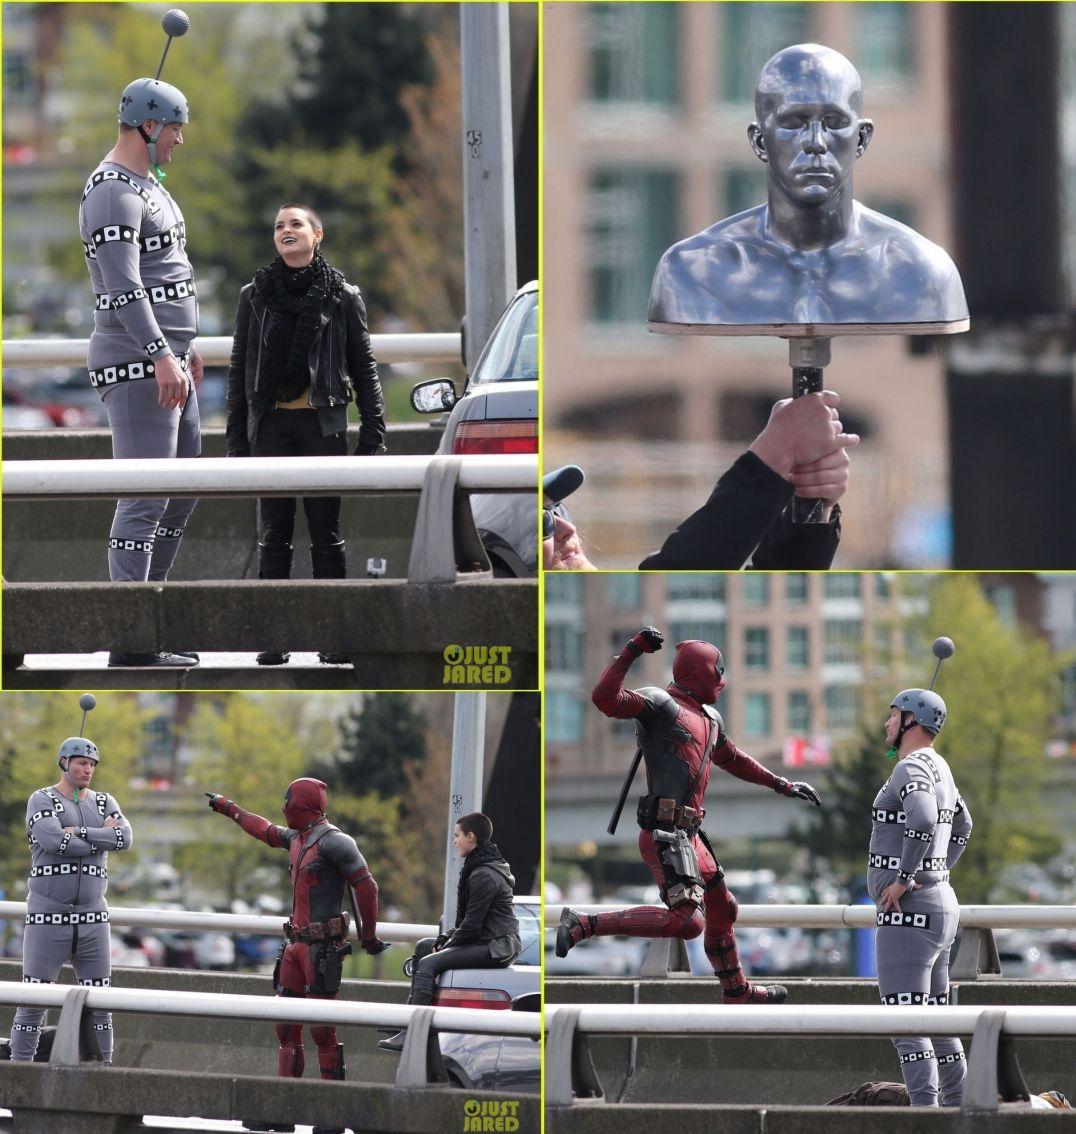 Spotted! Part 9: X-Men: Apocalypse (Feat. Deadpool) | Dateline Movies